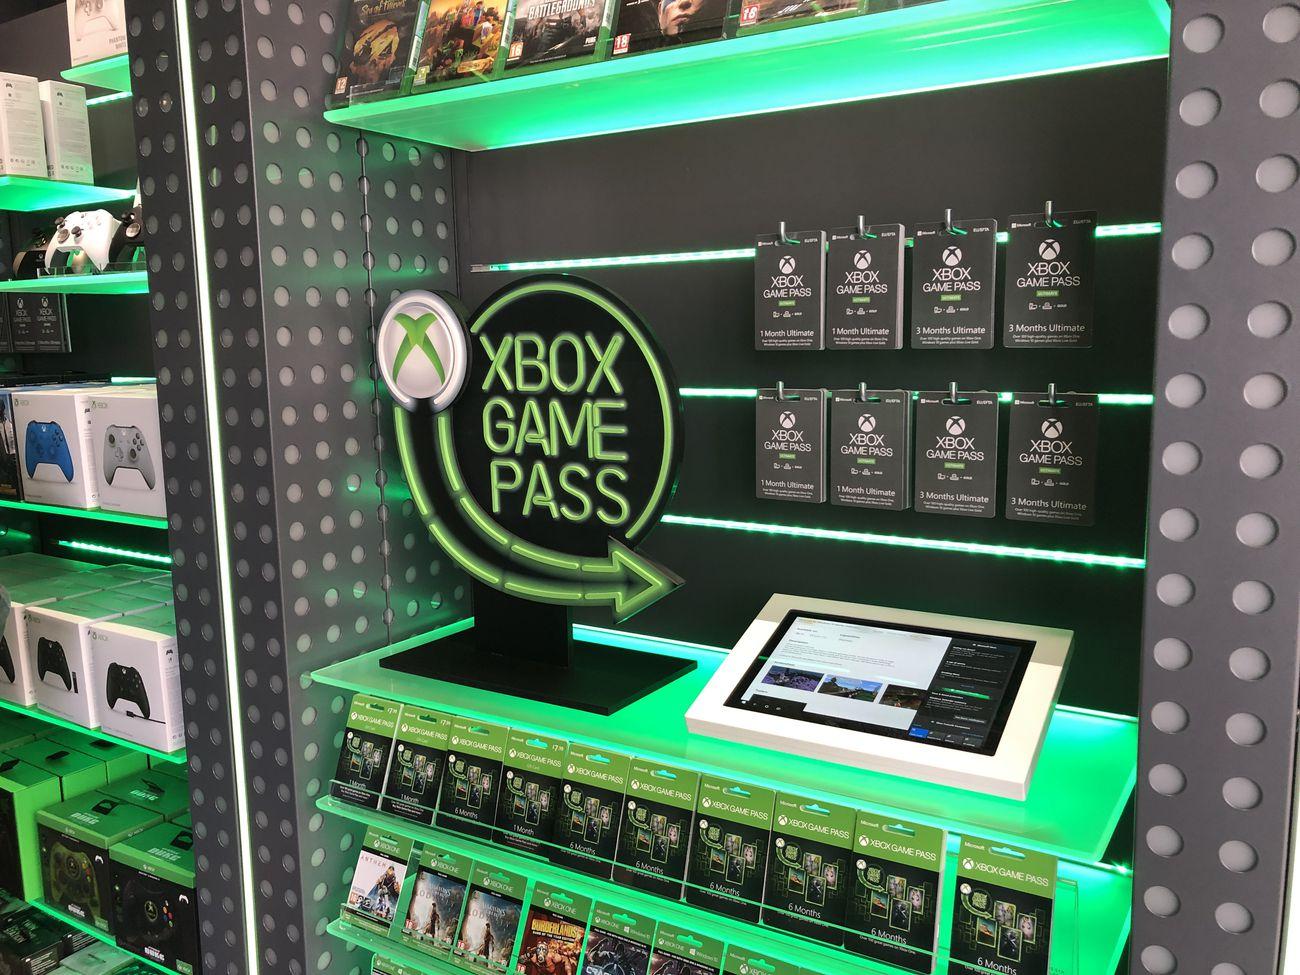 MS_store_Xbox_2